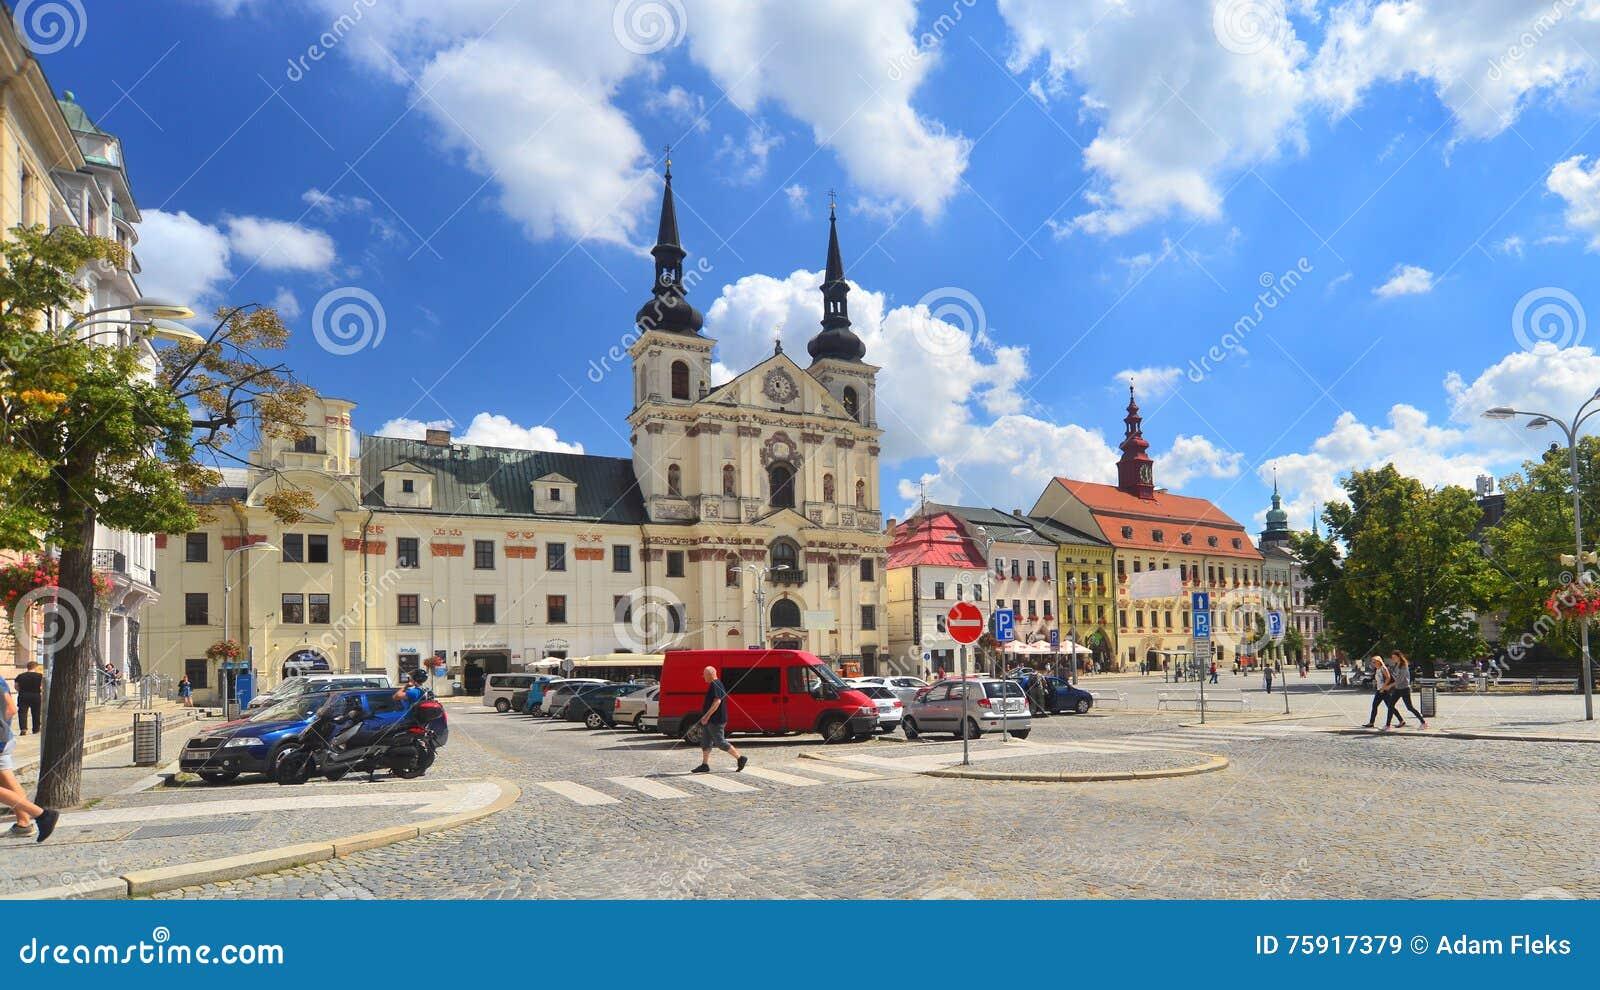 Market square in Jihlava, Czech Republic